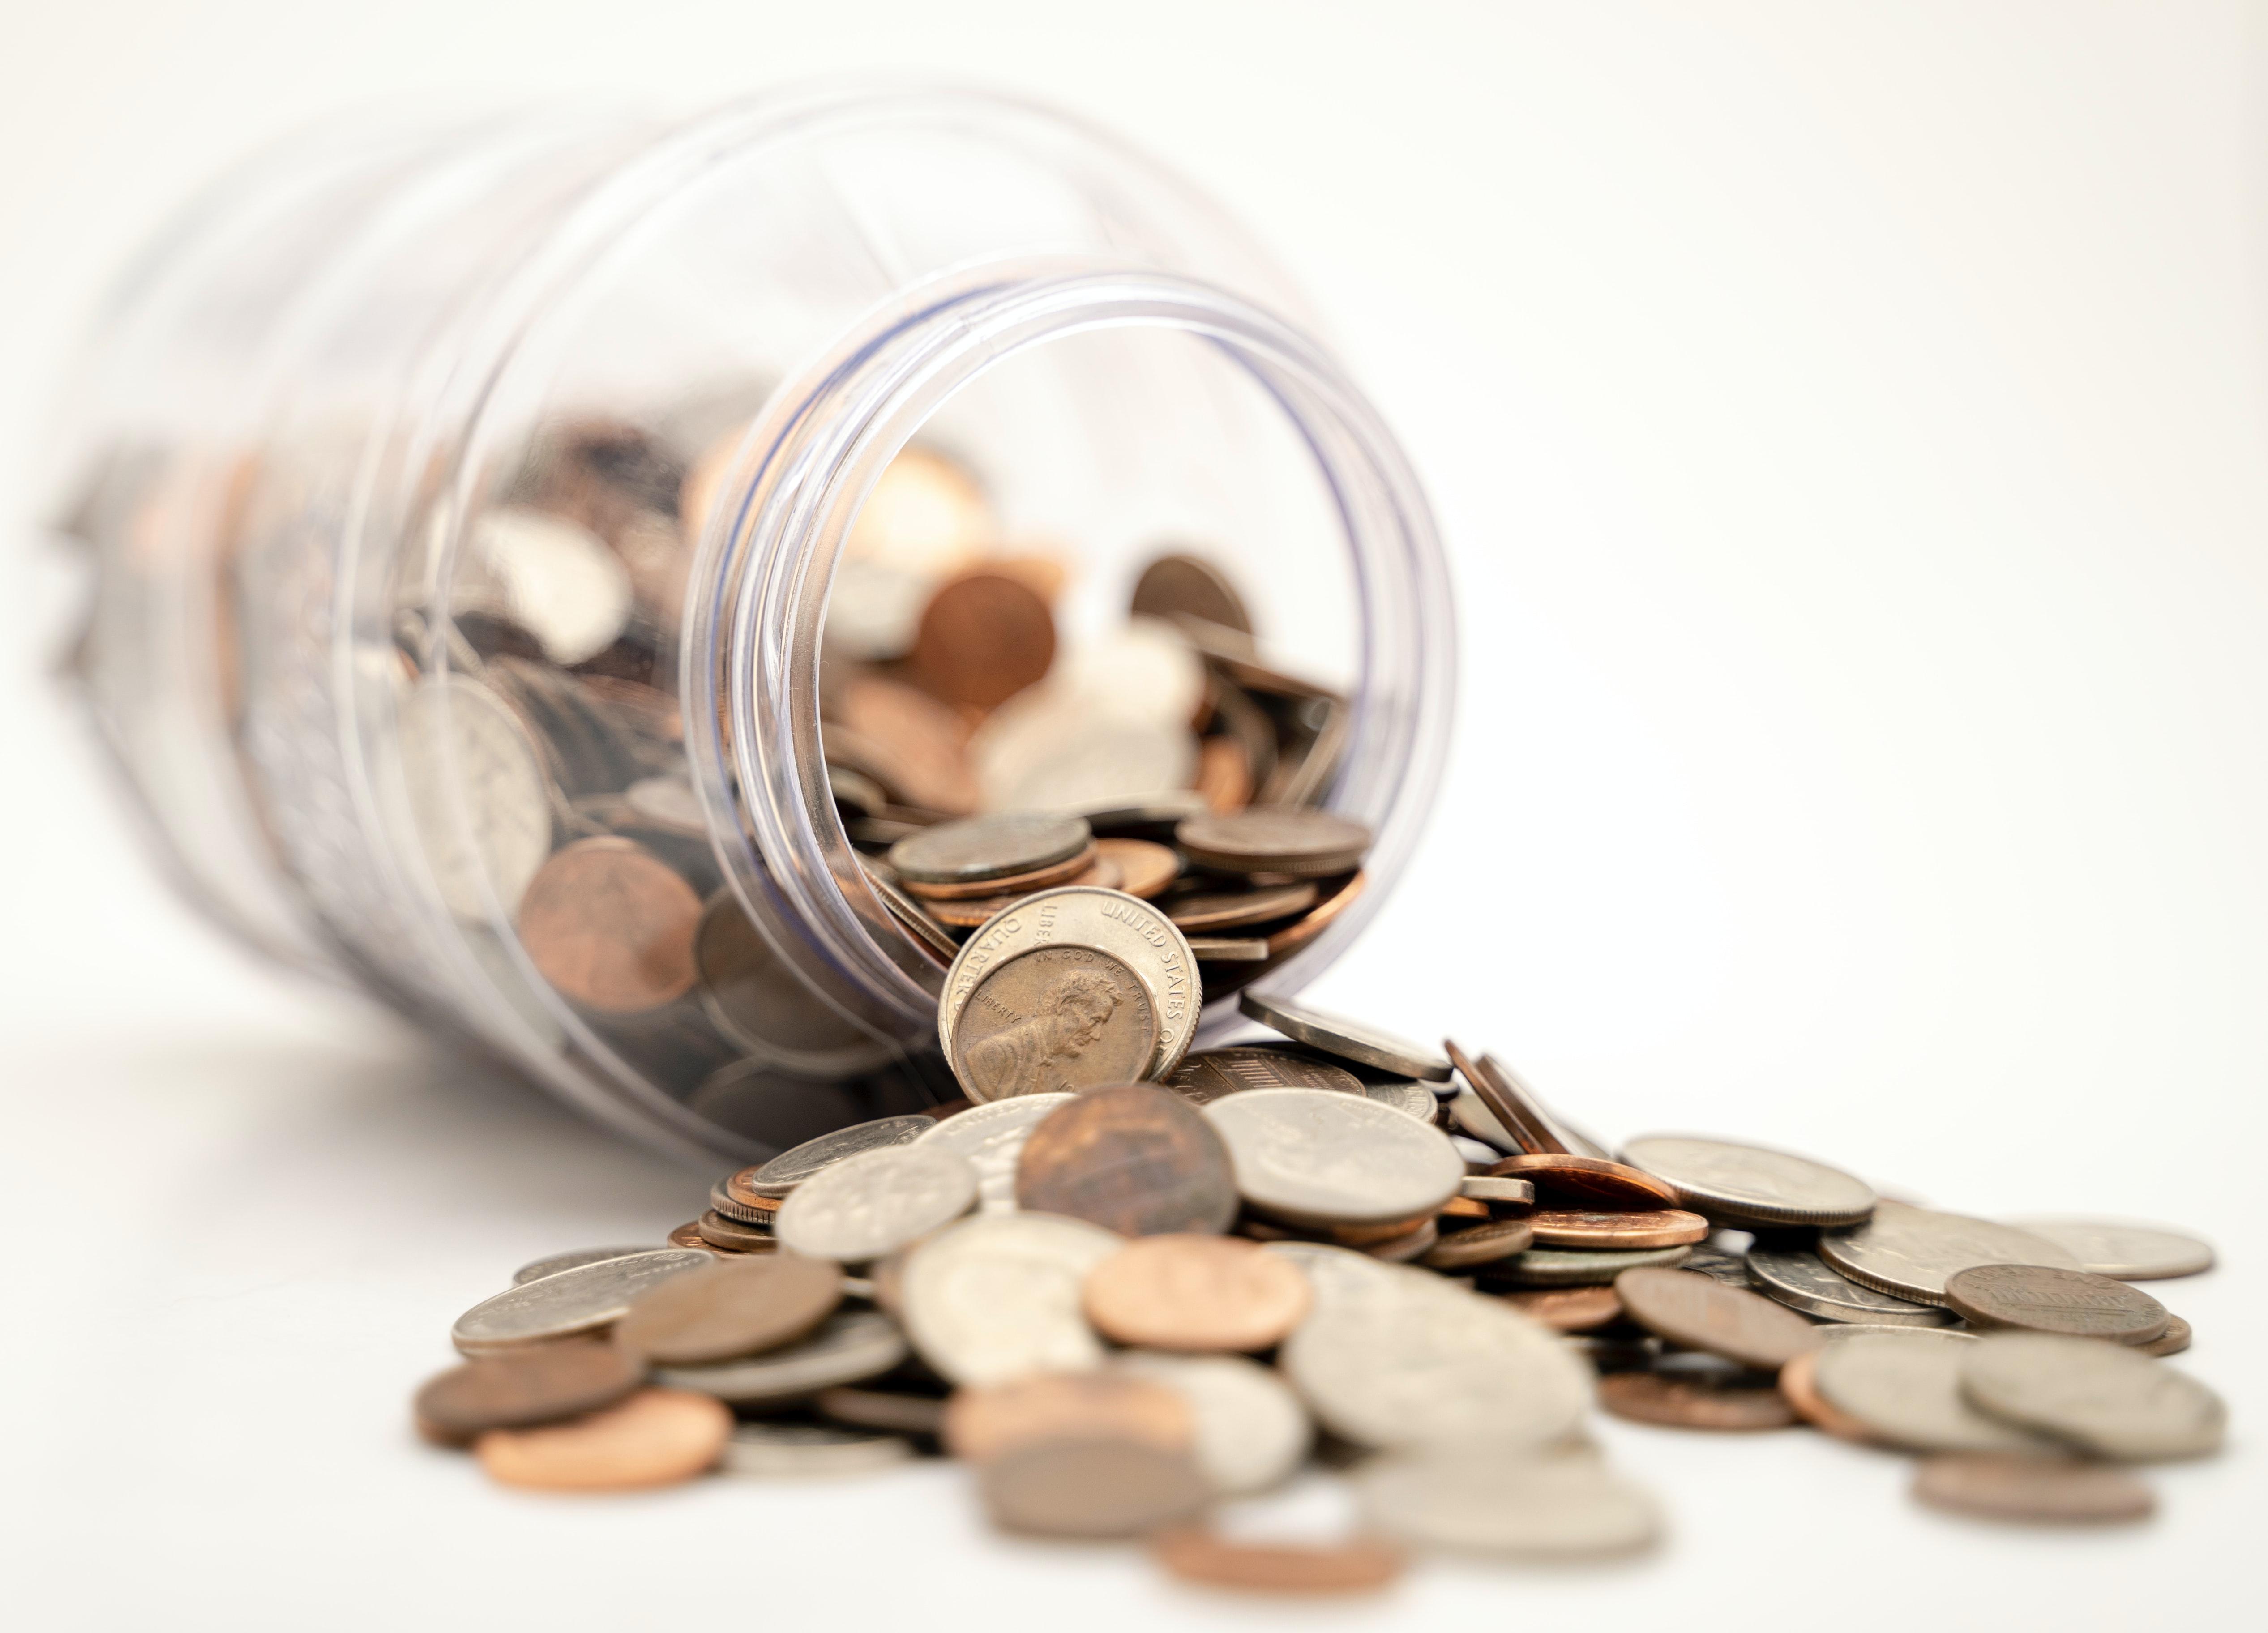 Pote com moedas.